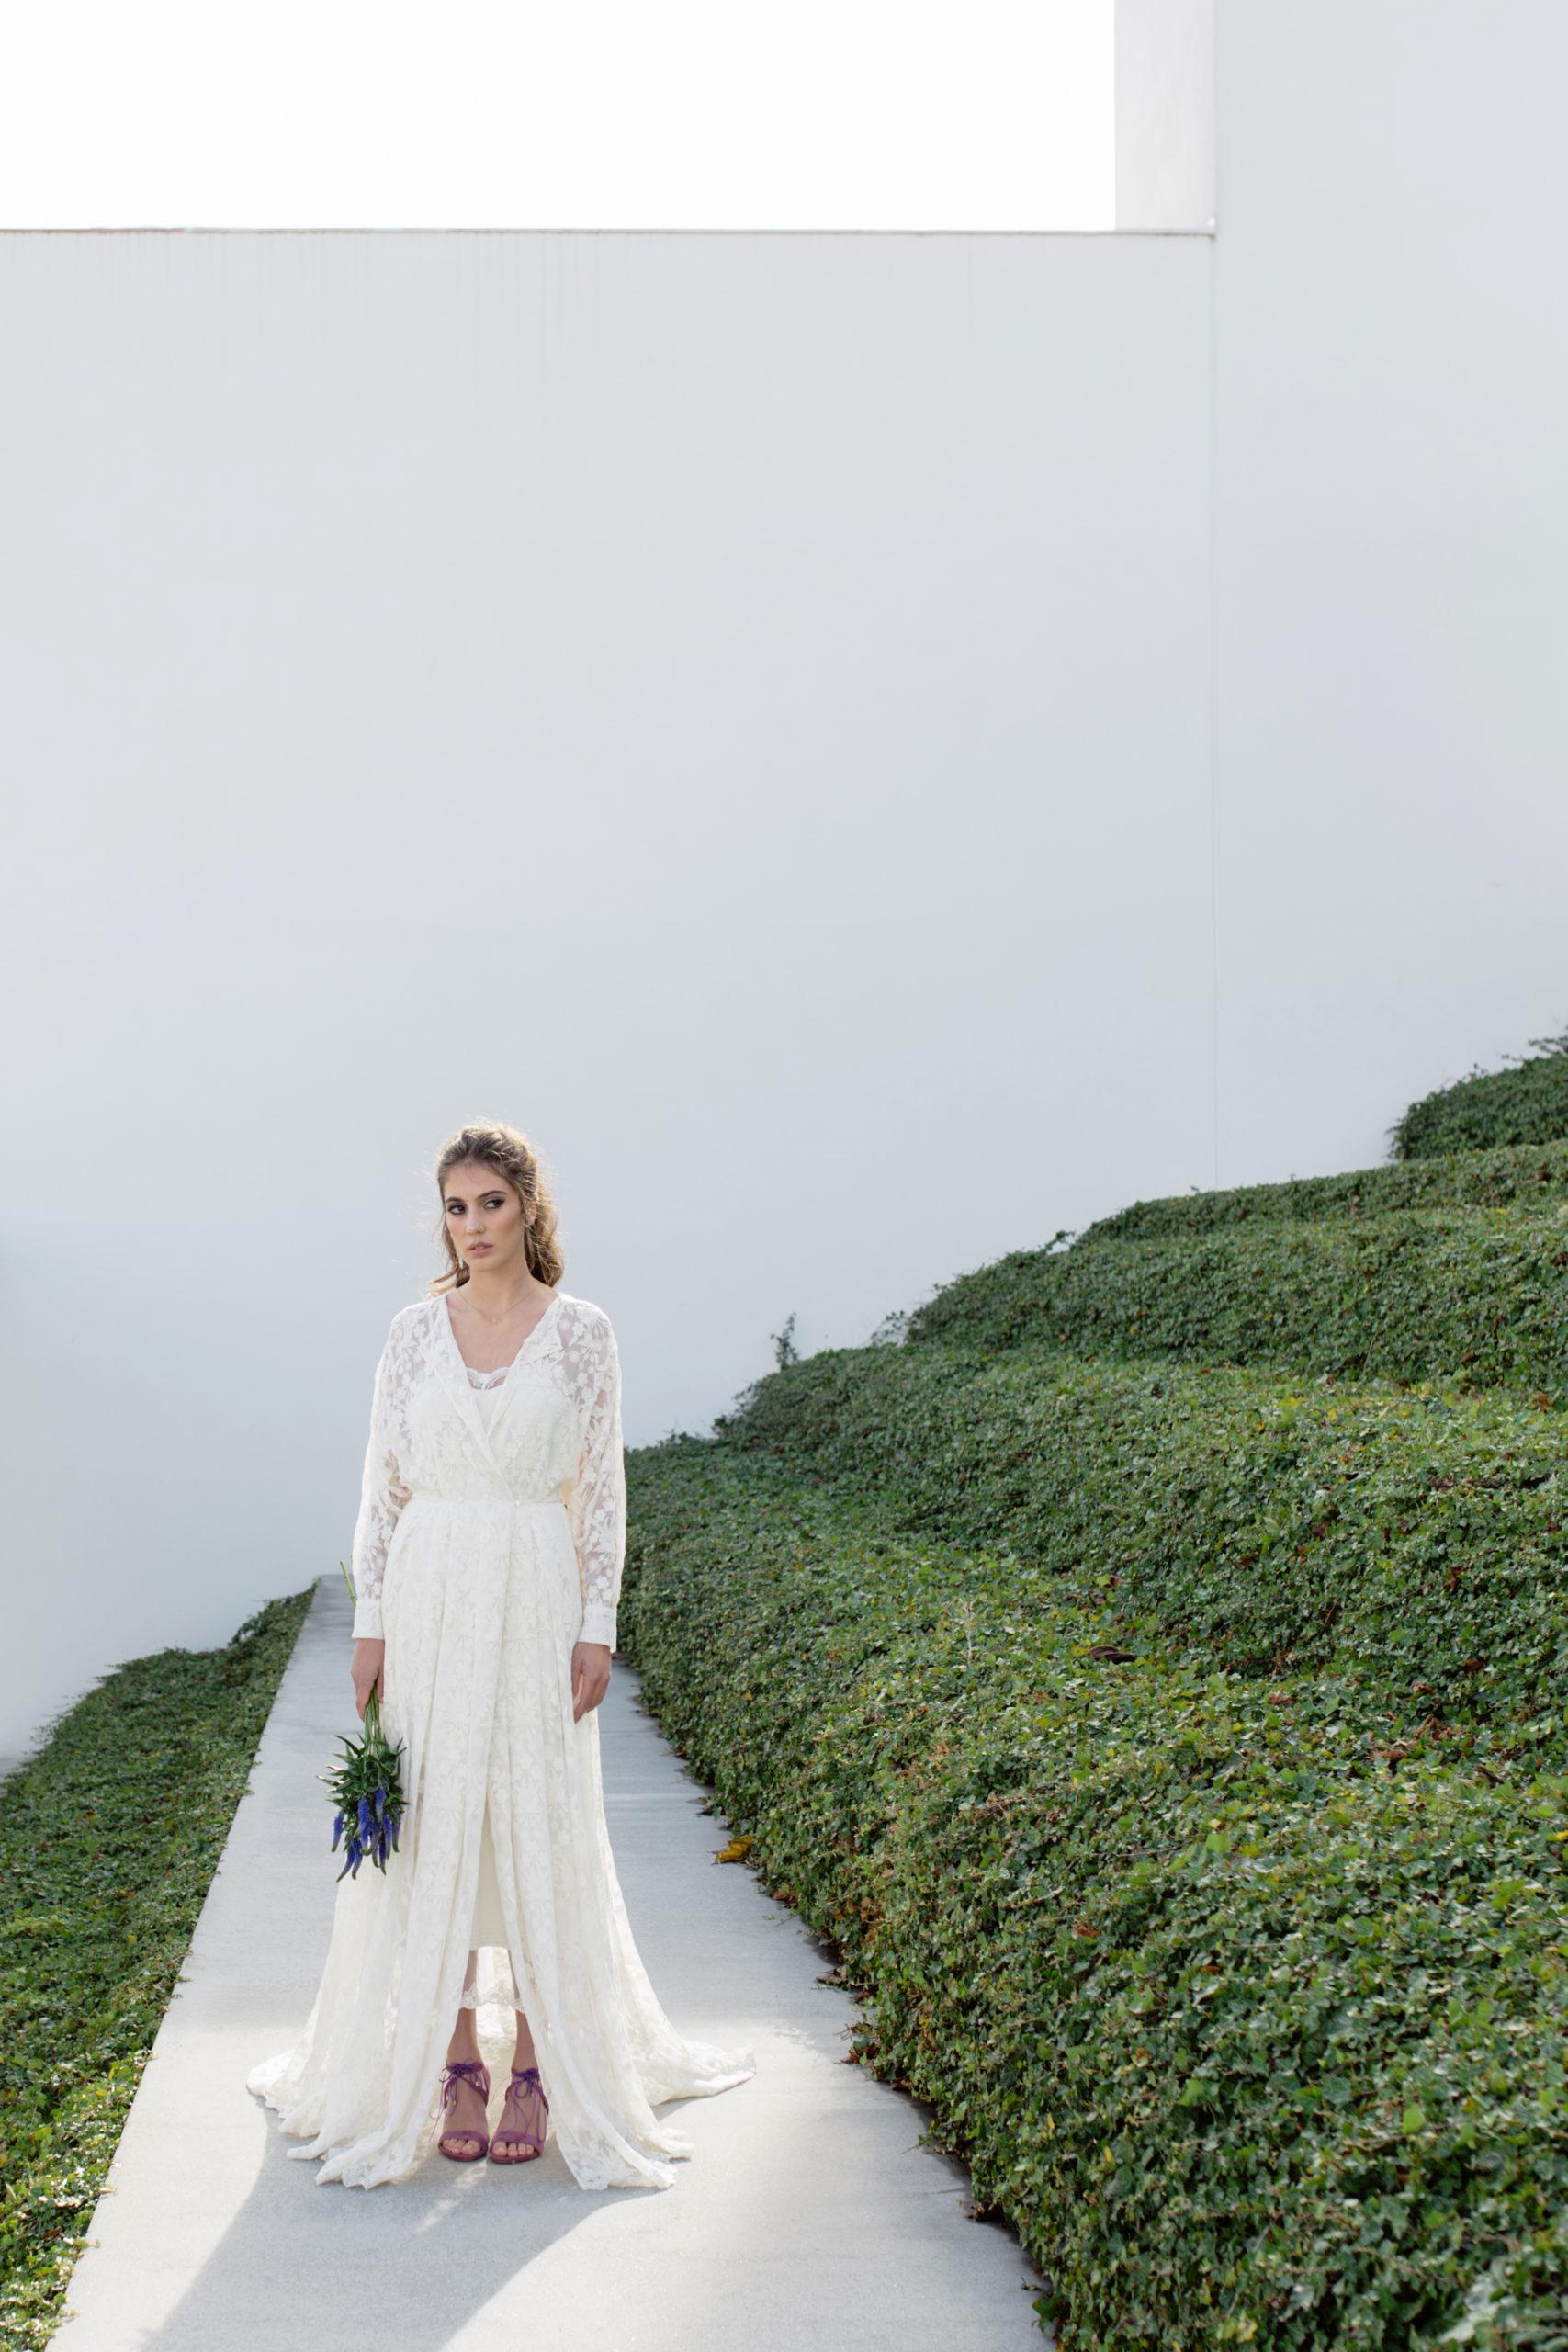 Vestido de novia hecho a medida en atelier de A Coruña. Sobrevestido camisero realizado en gasa de seda bordada. Cuerpo ablusado, manga larga ranglan y falda larga tableada y con cola.